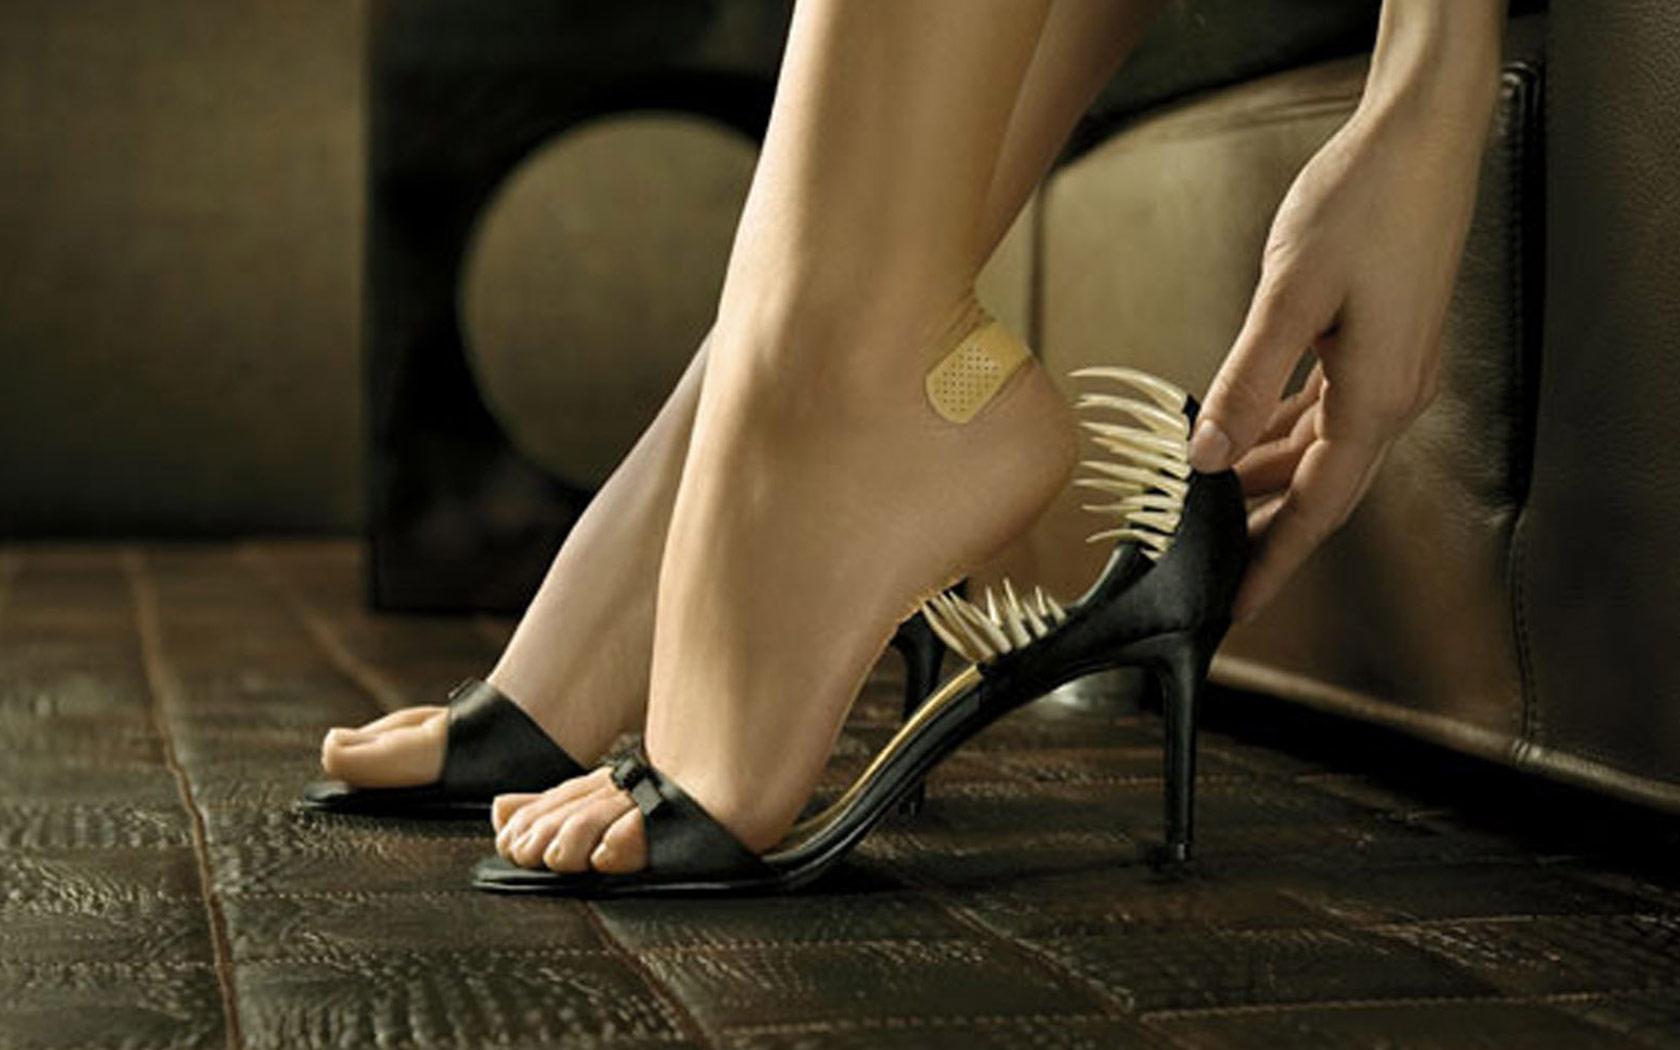 Целовать женскую обувь фото 21 фотография